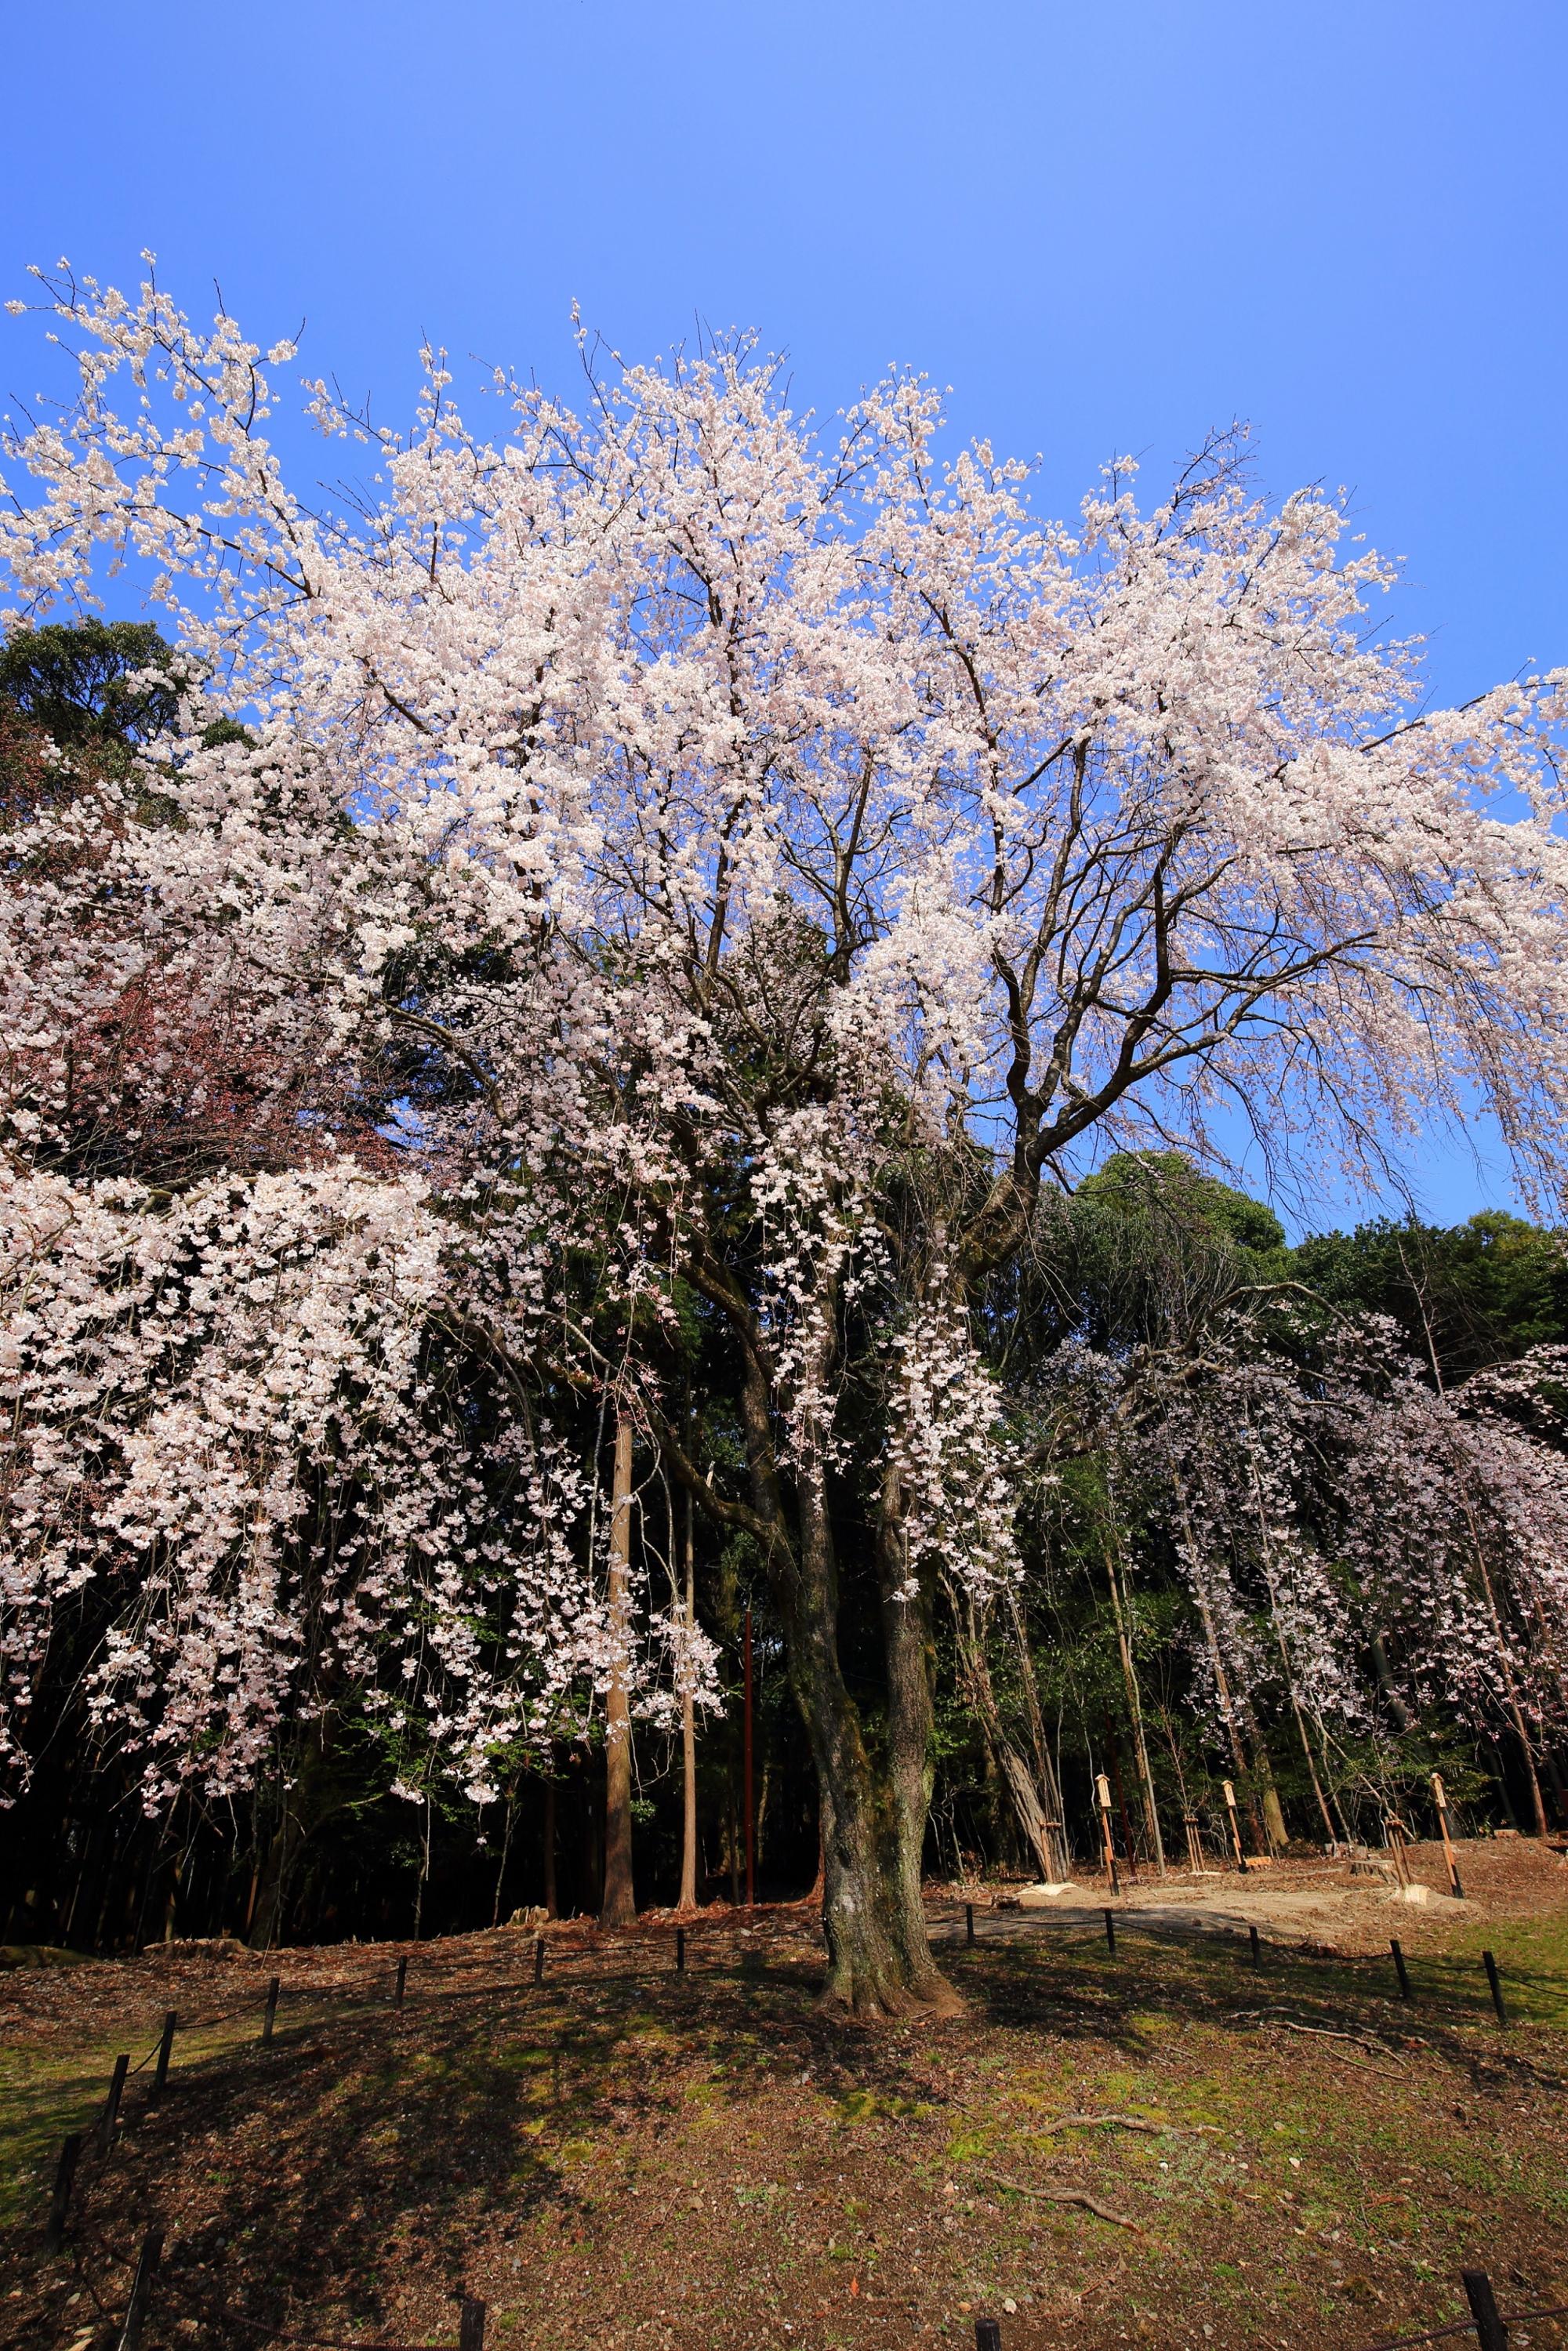 醍醐寺伽藍を代表する圧巻のしだれ桜